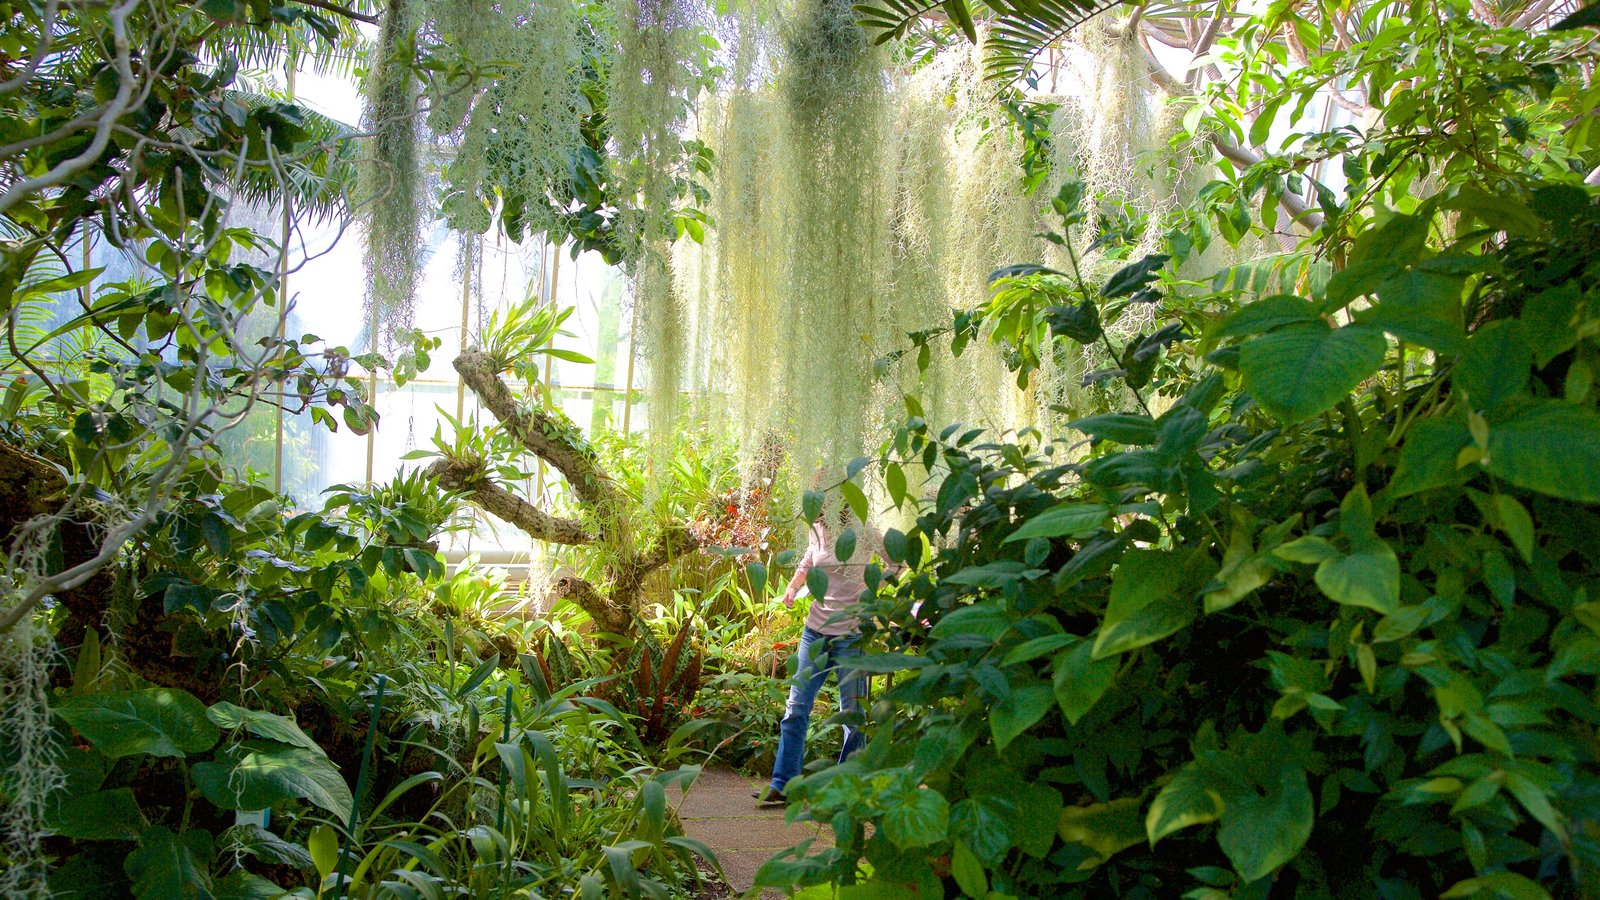 Real Jardín Botánico mostrando vistas interiores, escenas tropicales y un parque